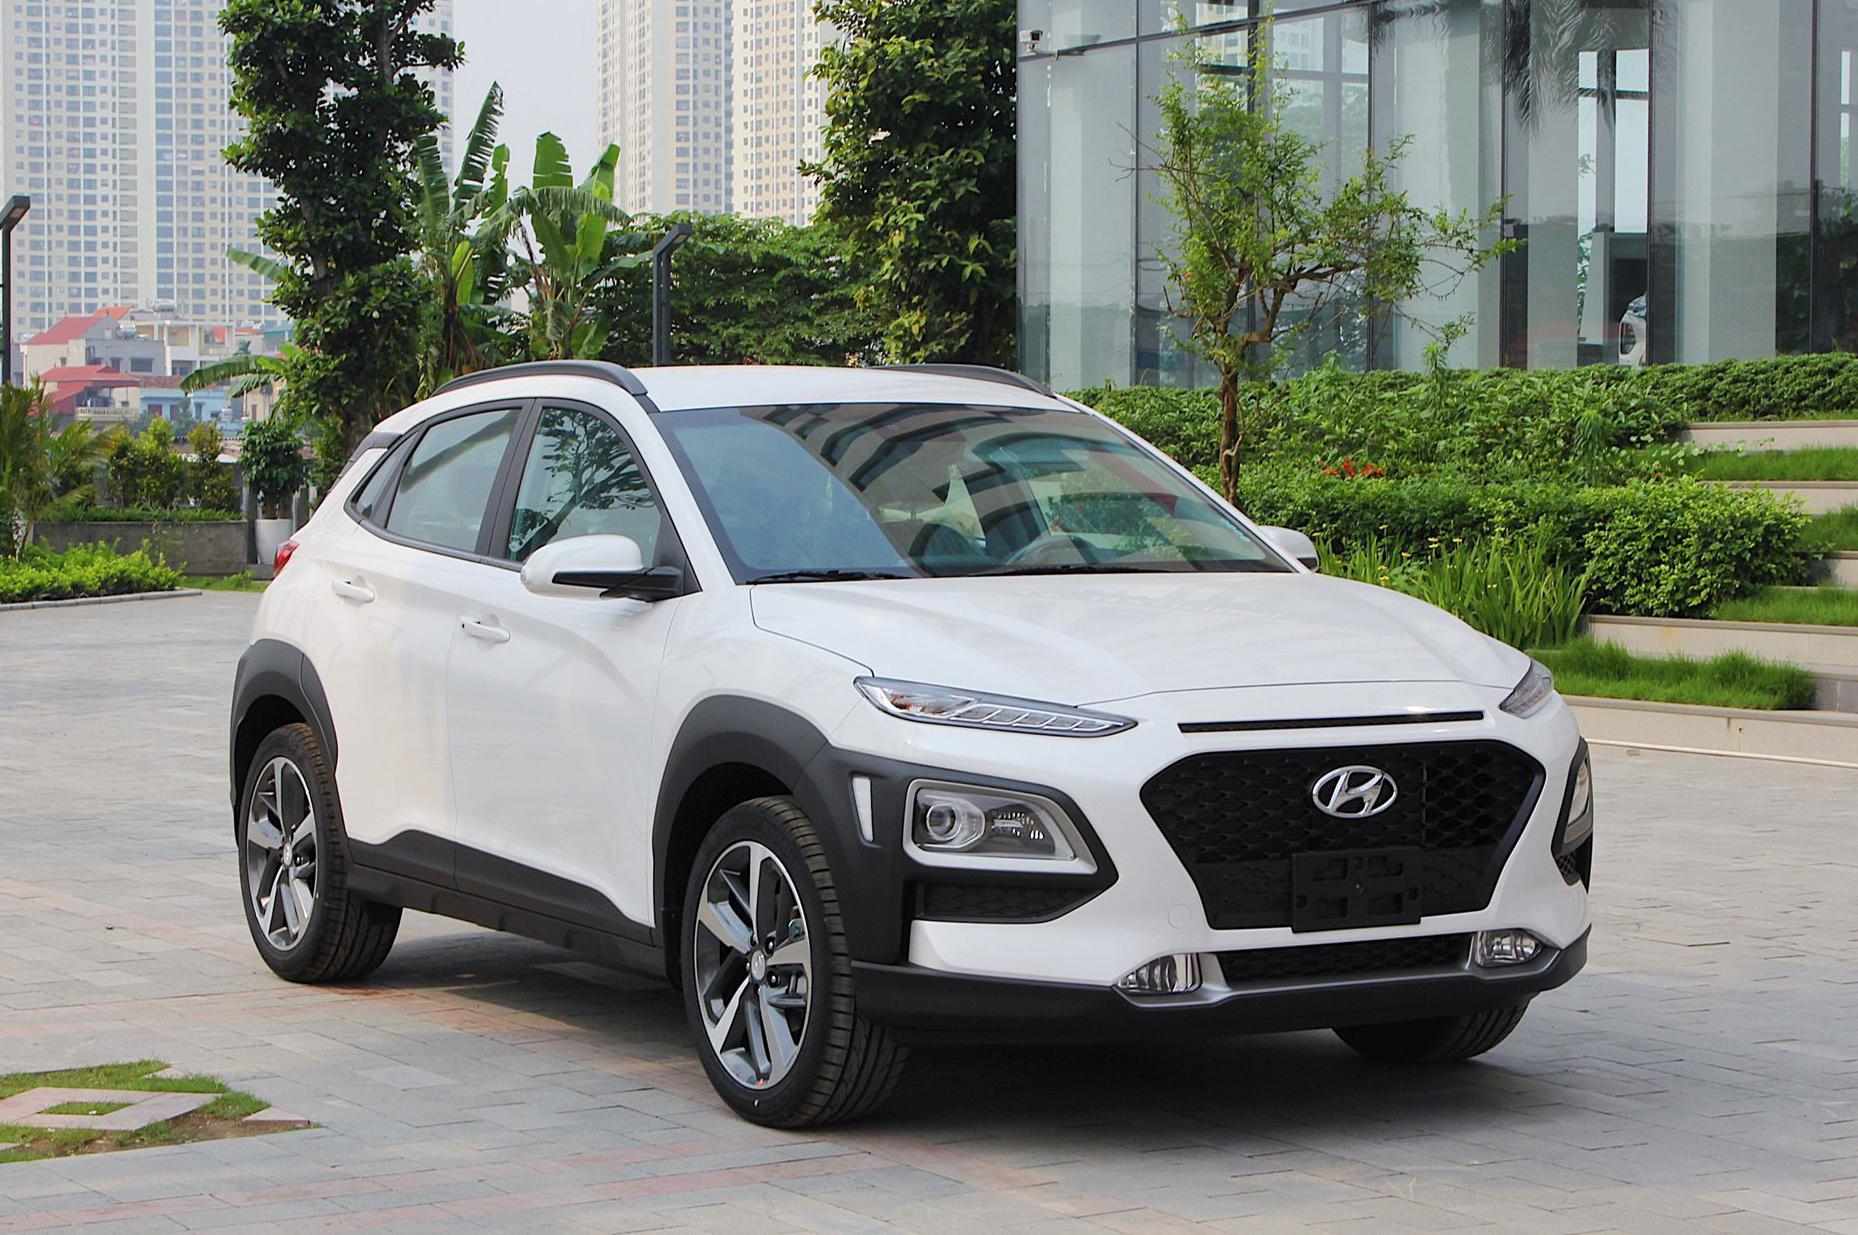 Đánh giá thông tin xe Hyundai Kona cho người dùng